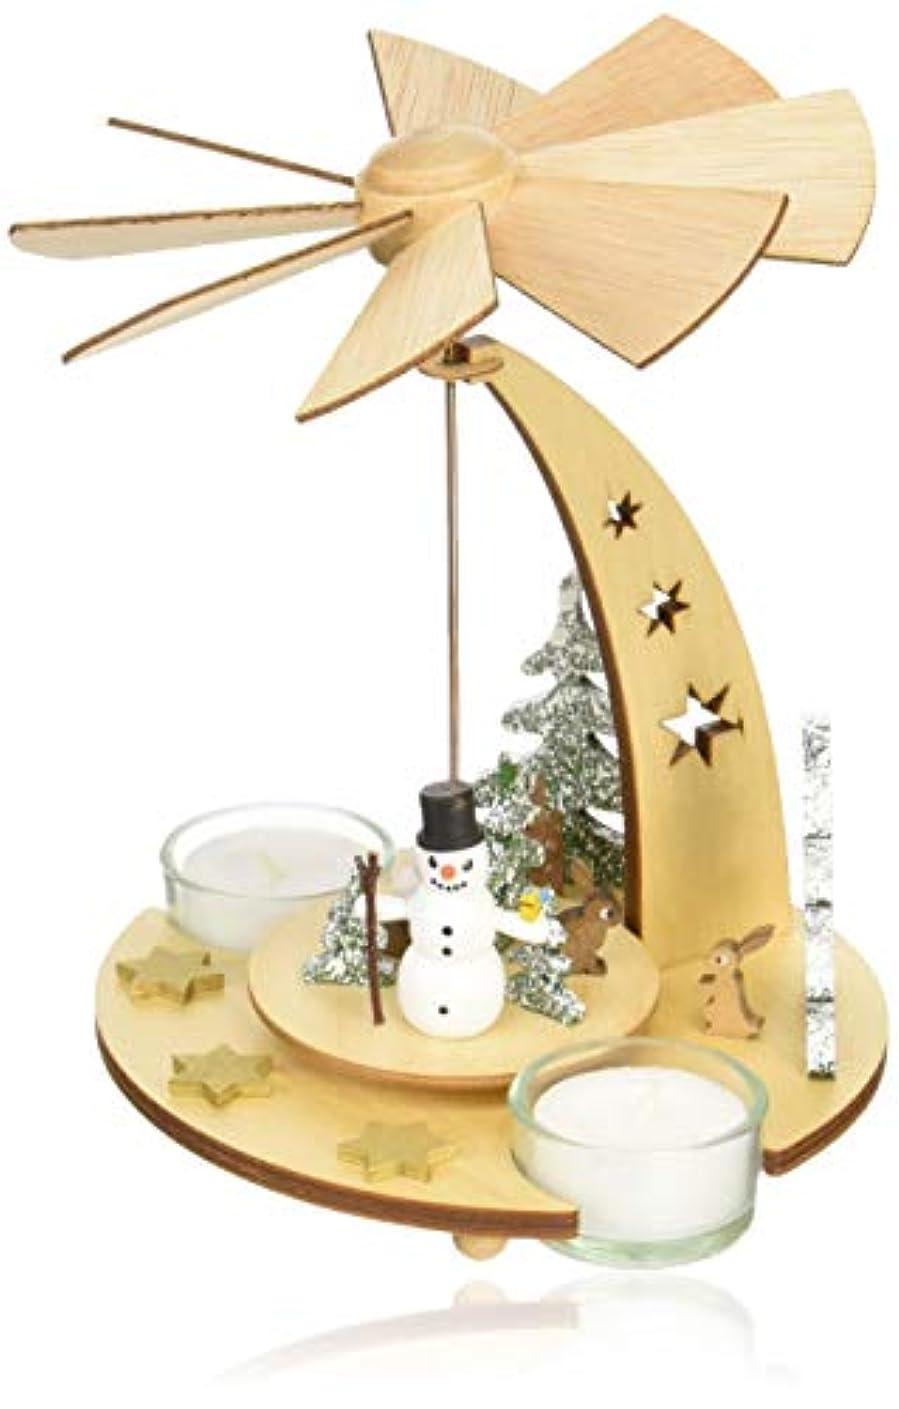 ベギンパイルマーベルkuhnert クリスマスピラミッド スノーマン